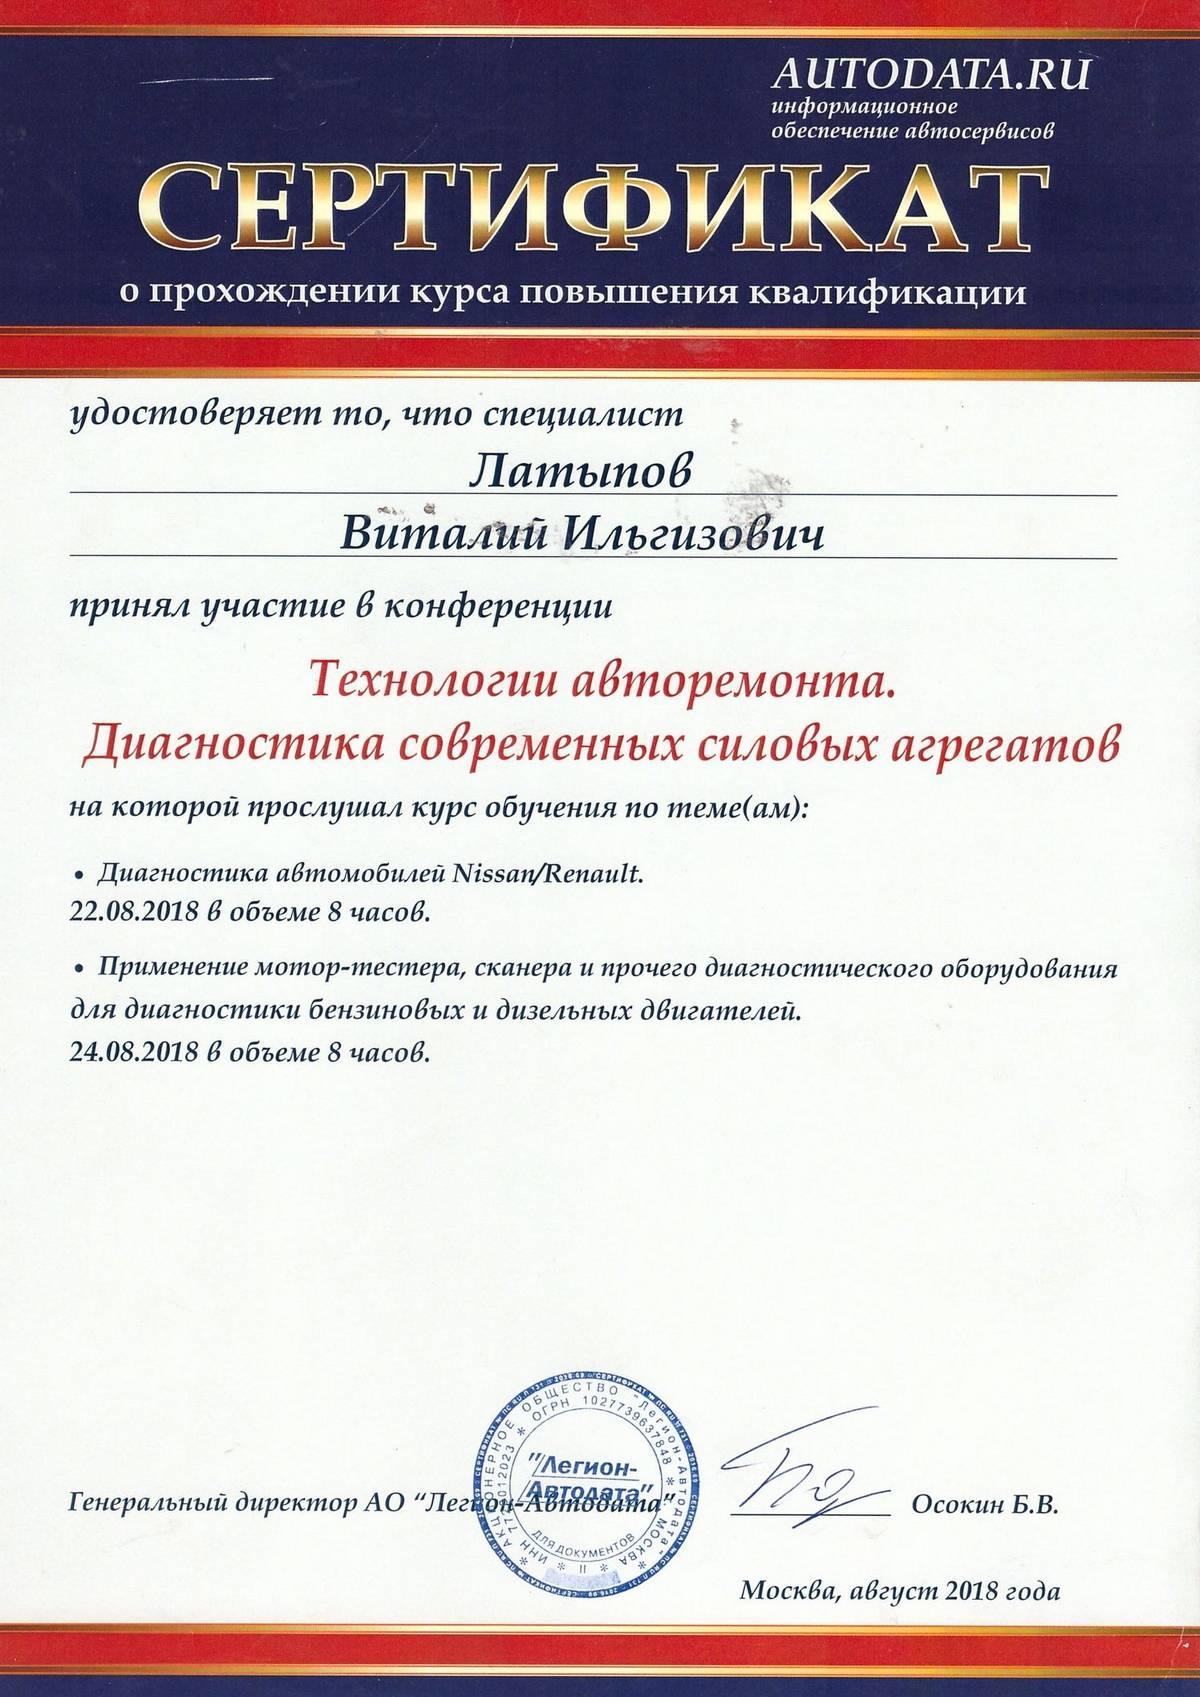 Виталий Латыпов